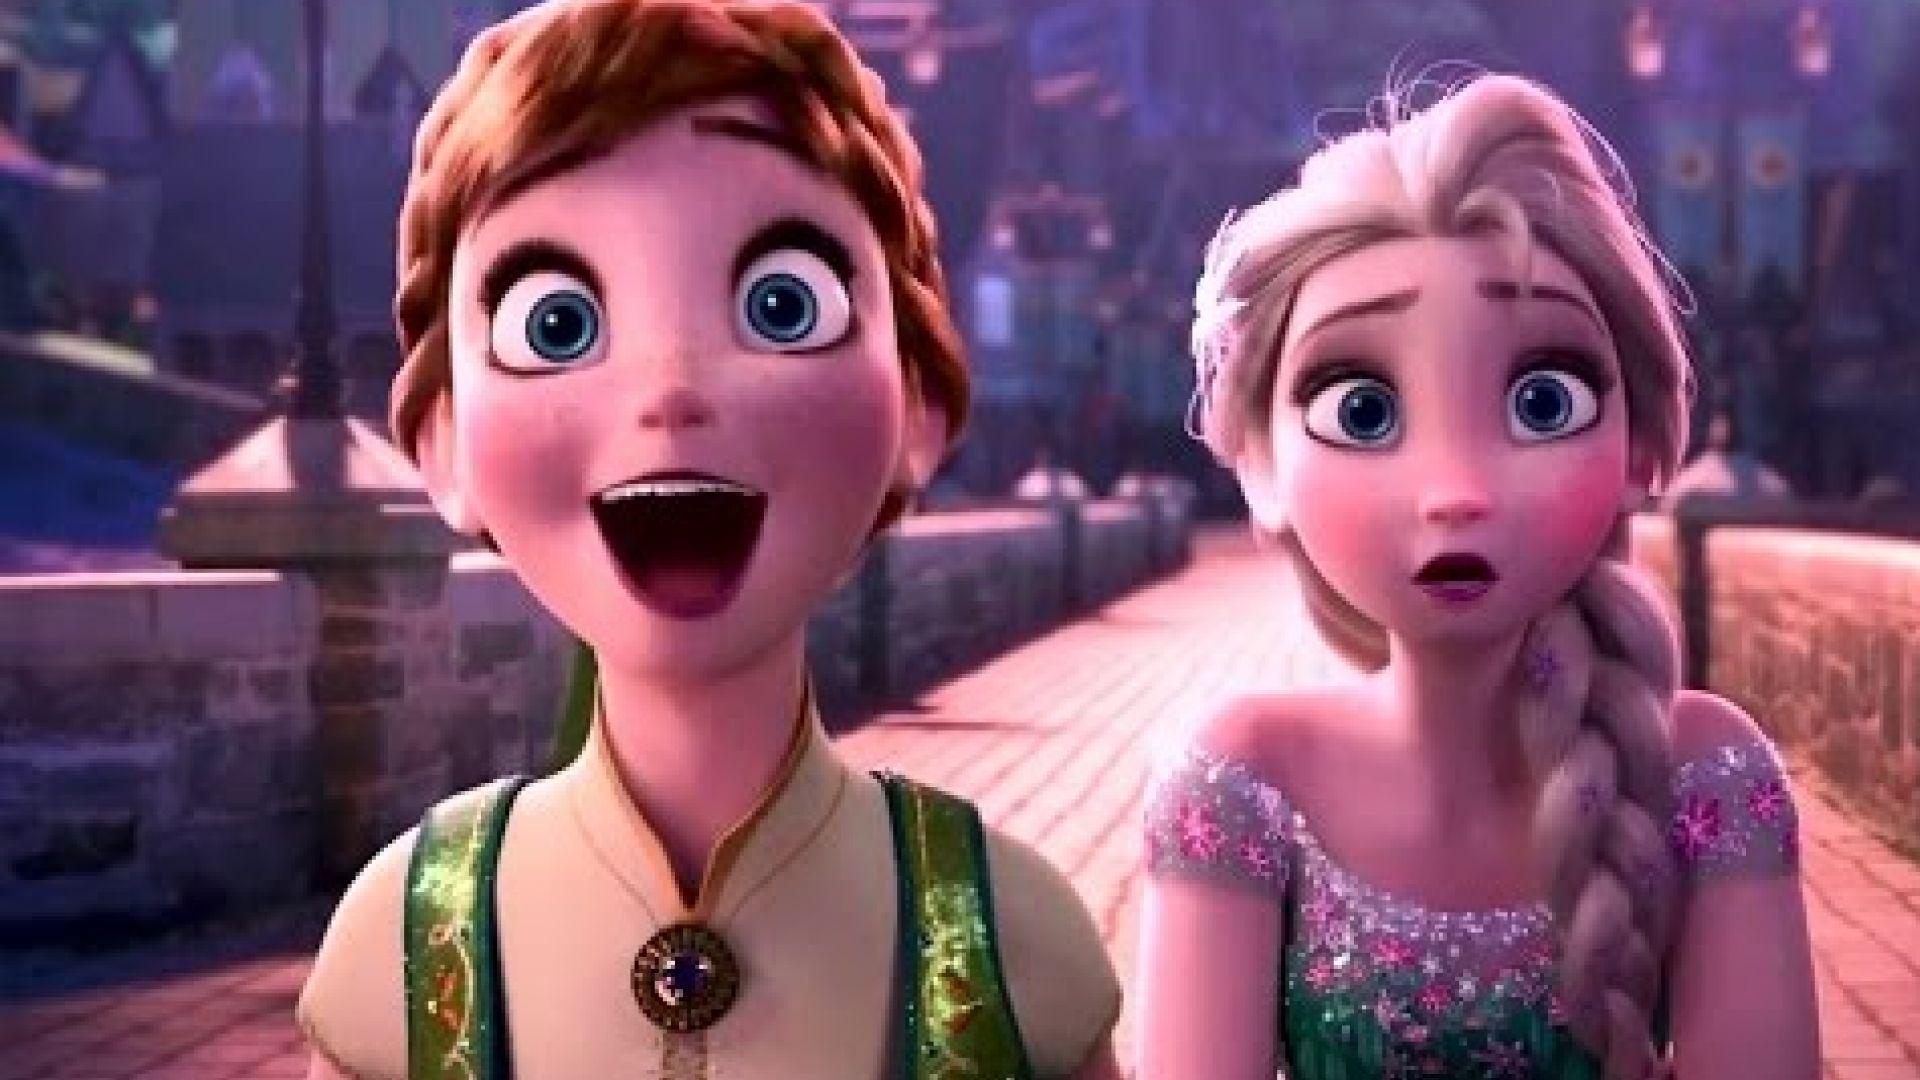 Official Trailer for Disney Short Film 'Frozen Fever'